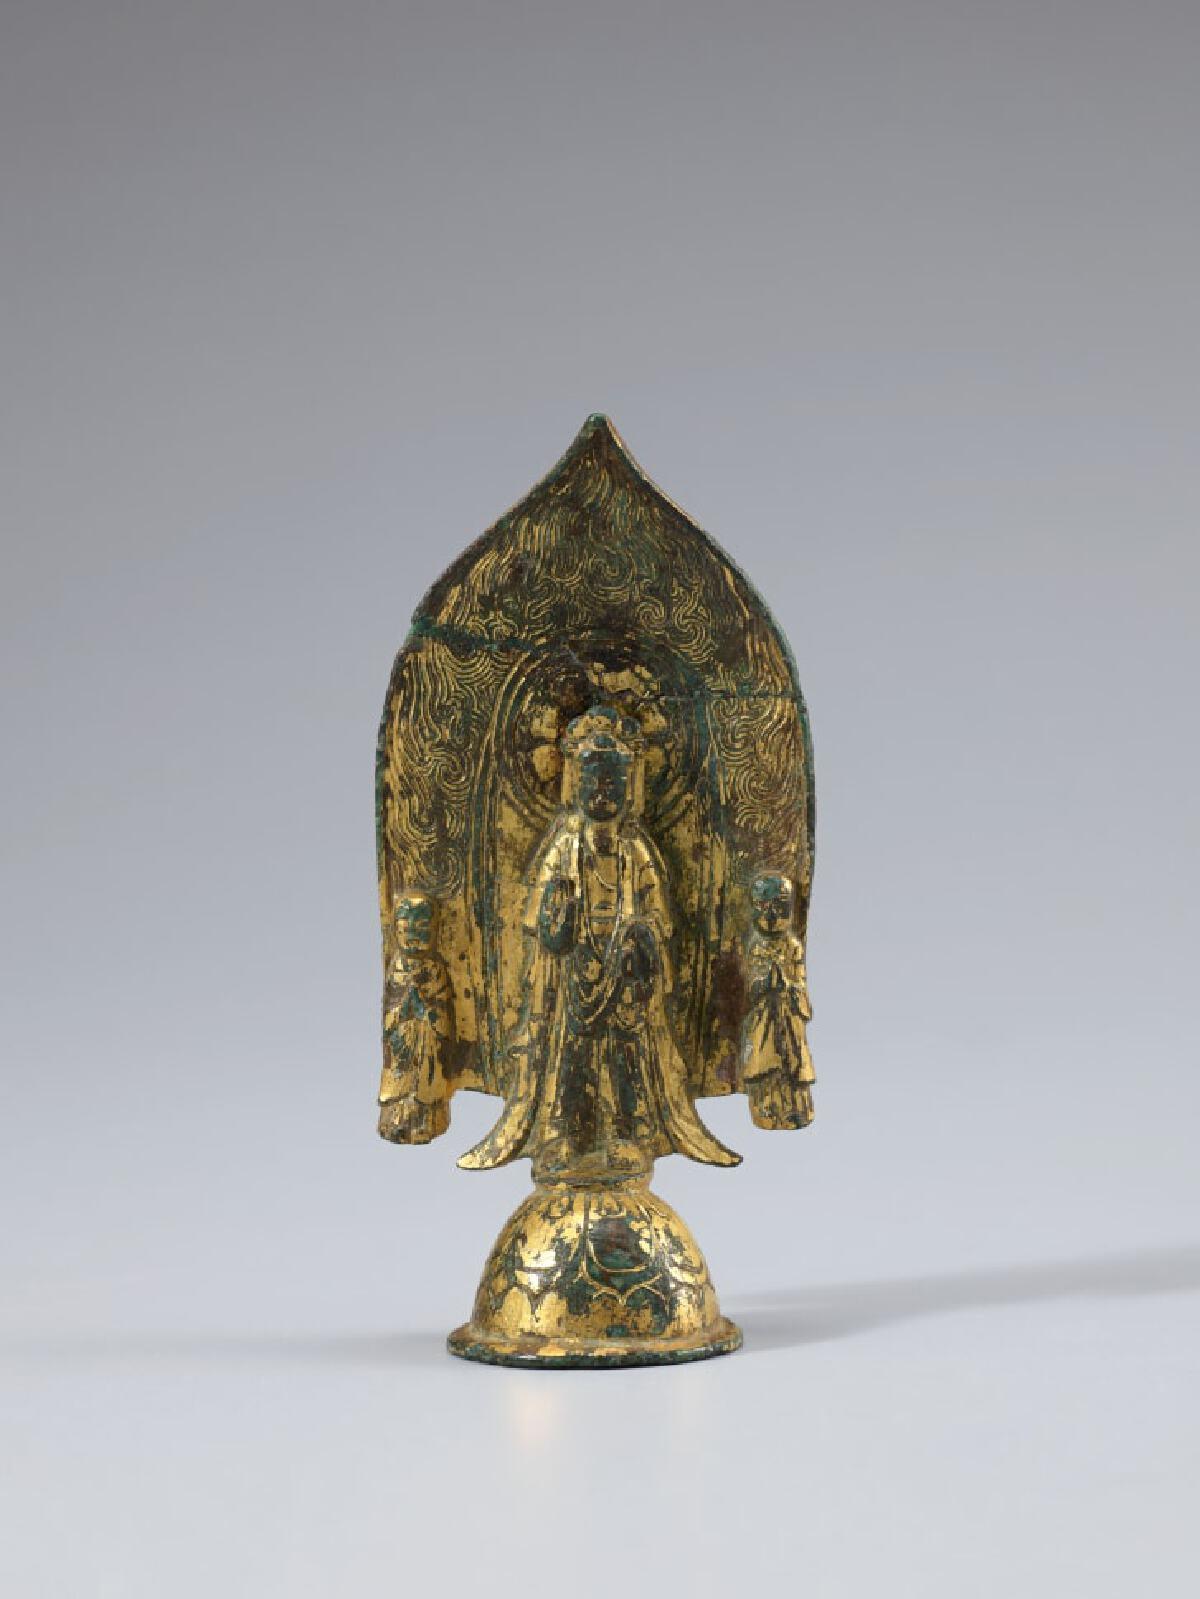 ซัมซุง กับ การบริจาคแห่งศตวรรษ งานศิลปะมูลค่า 3 แสนล้าน